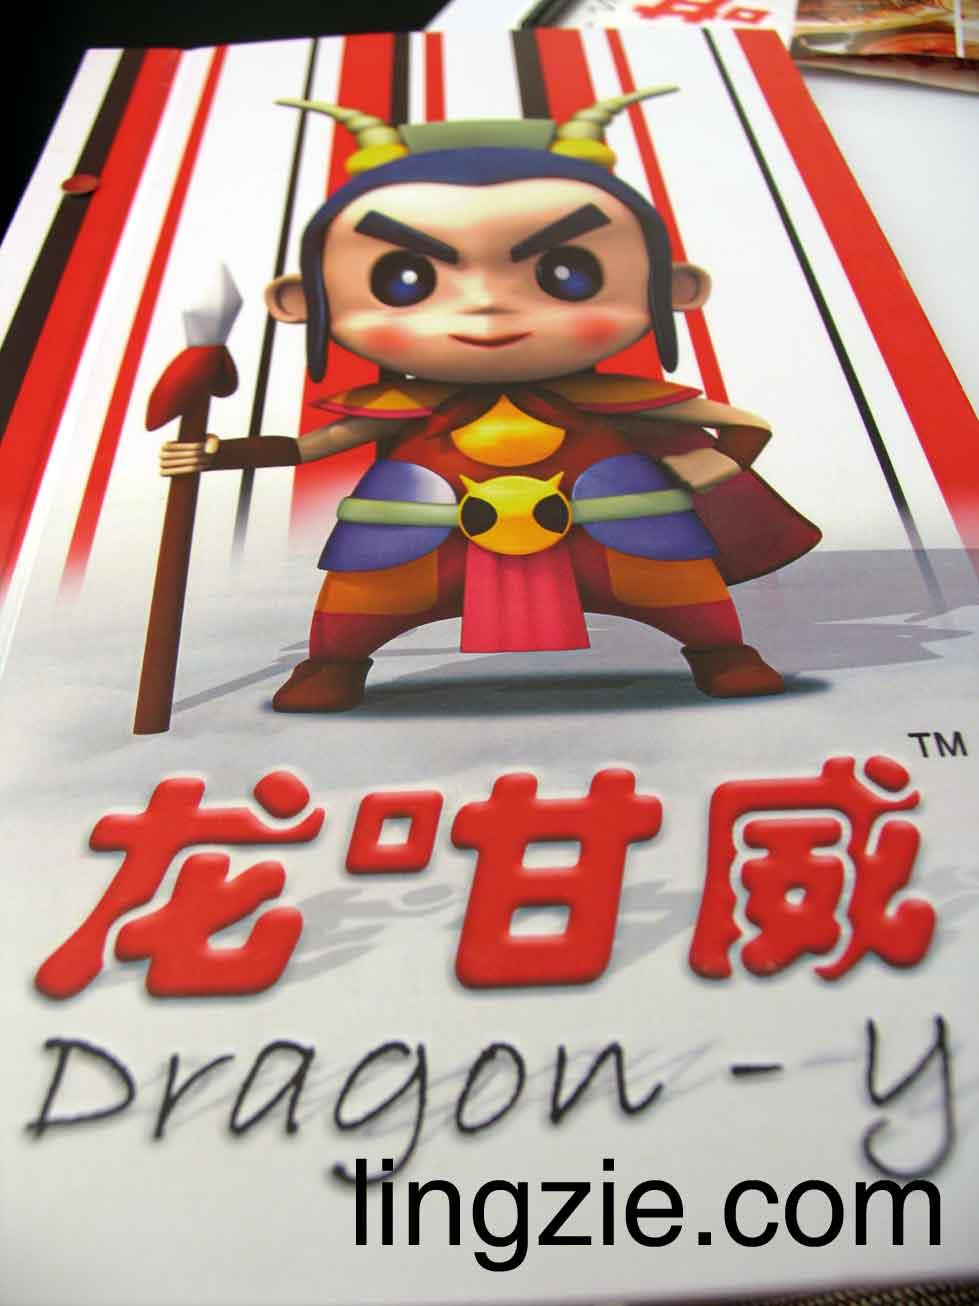 Dragon-y